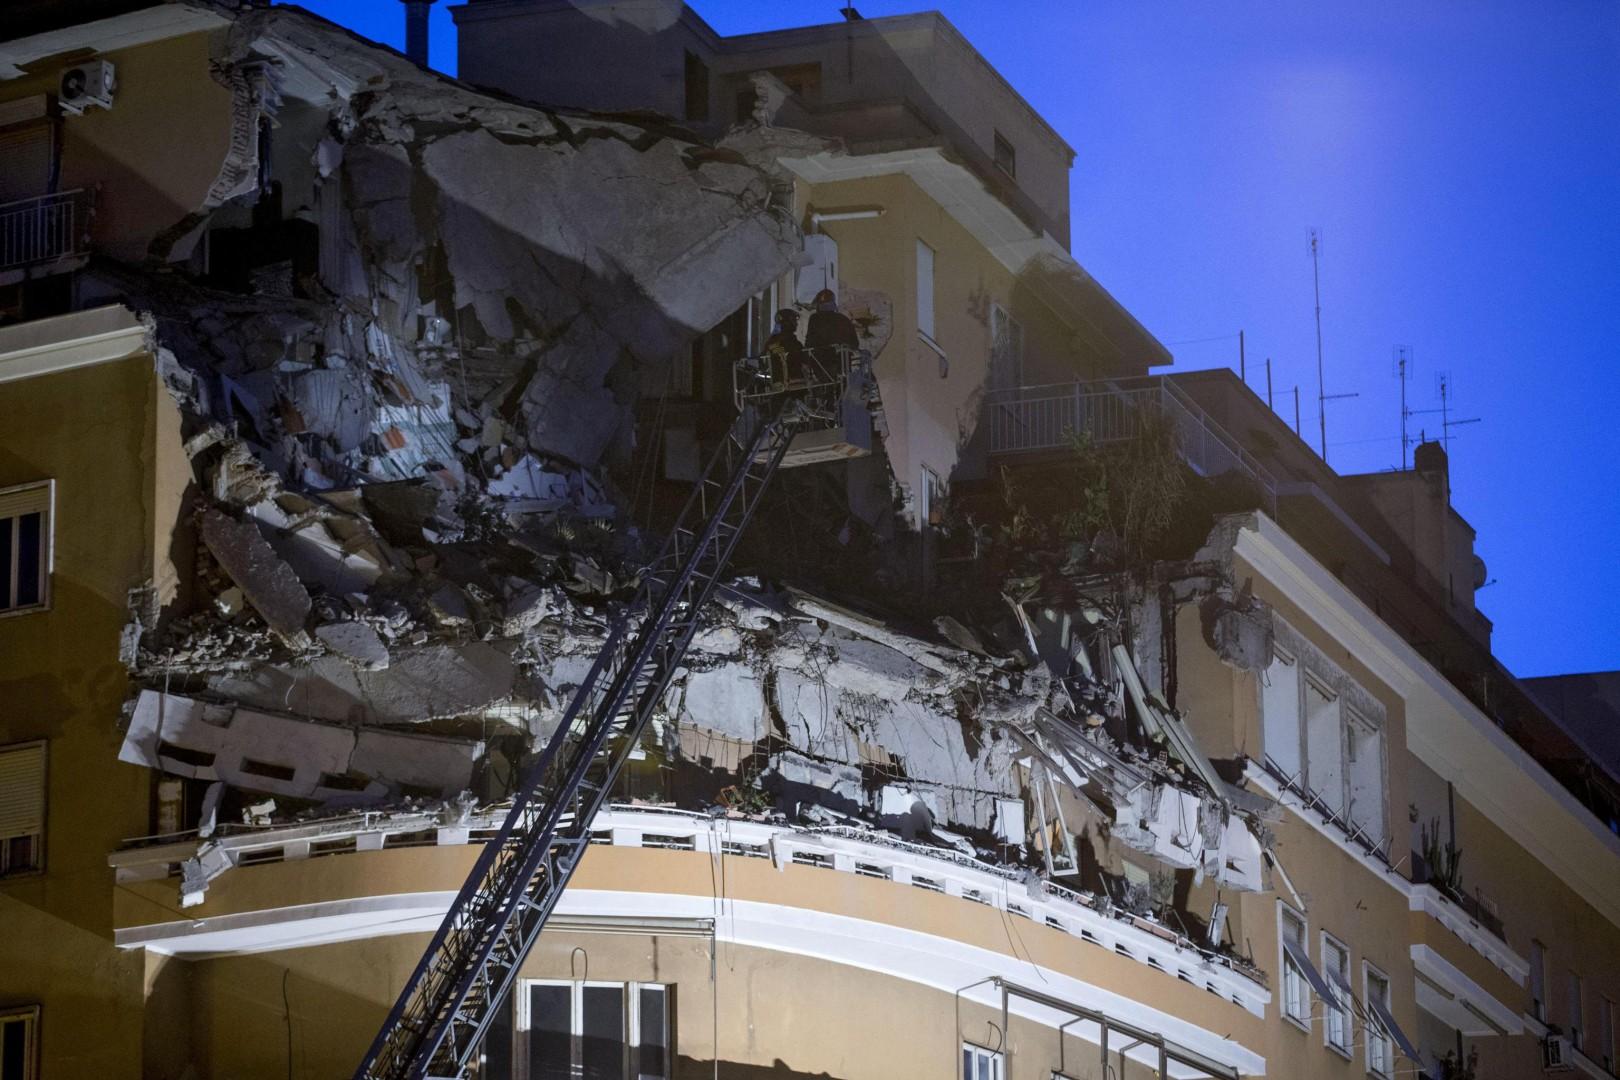 [FOTO] Grozljivka v Rimu: Stanovalci so bežali iz podirajoče se stavbe 3